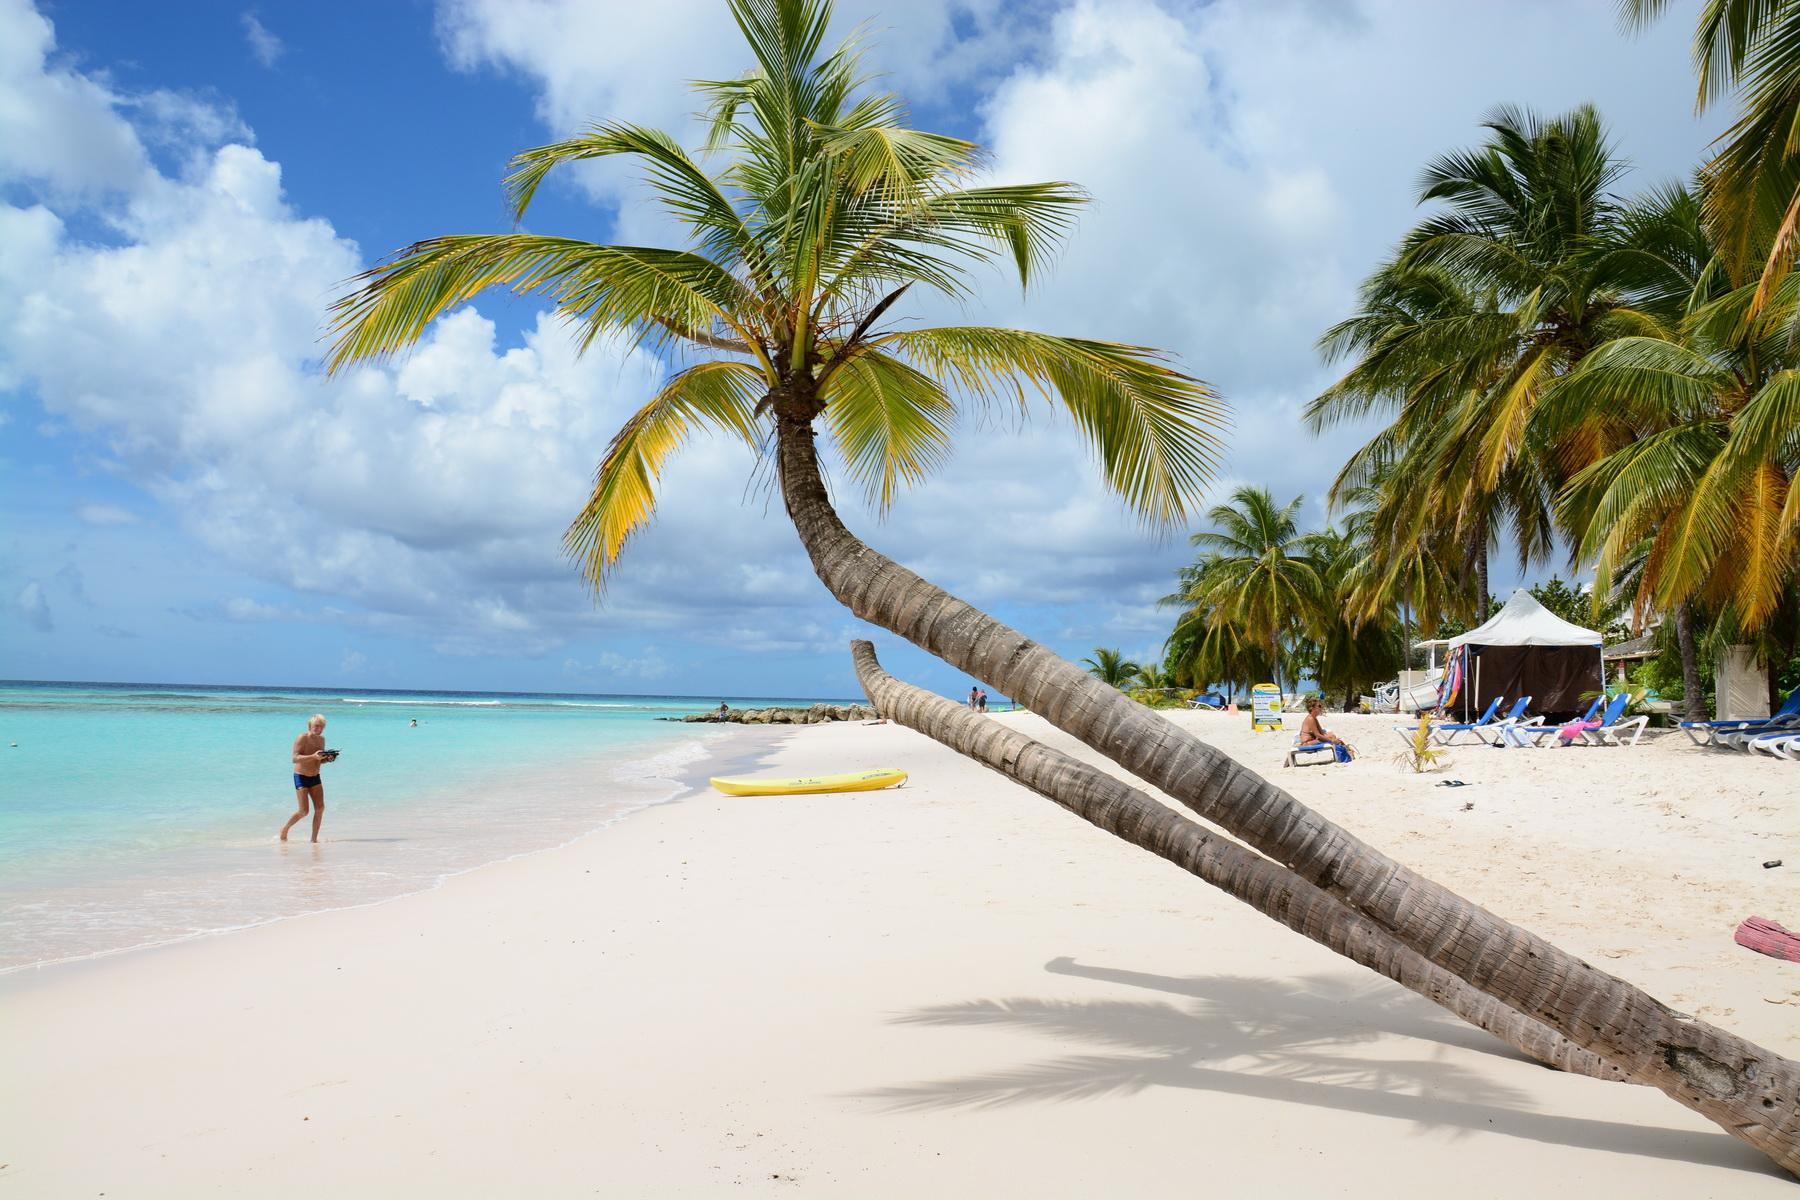 AAA Translation Services proposes des services de traduction français-anglais secteur Voyage et Tourisme